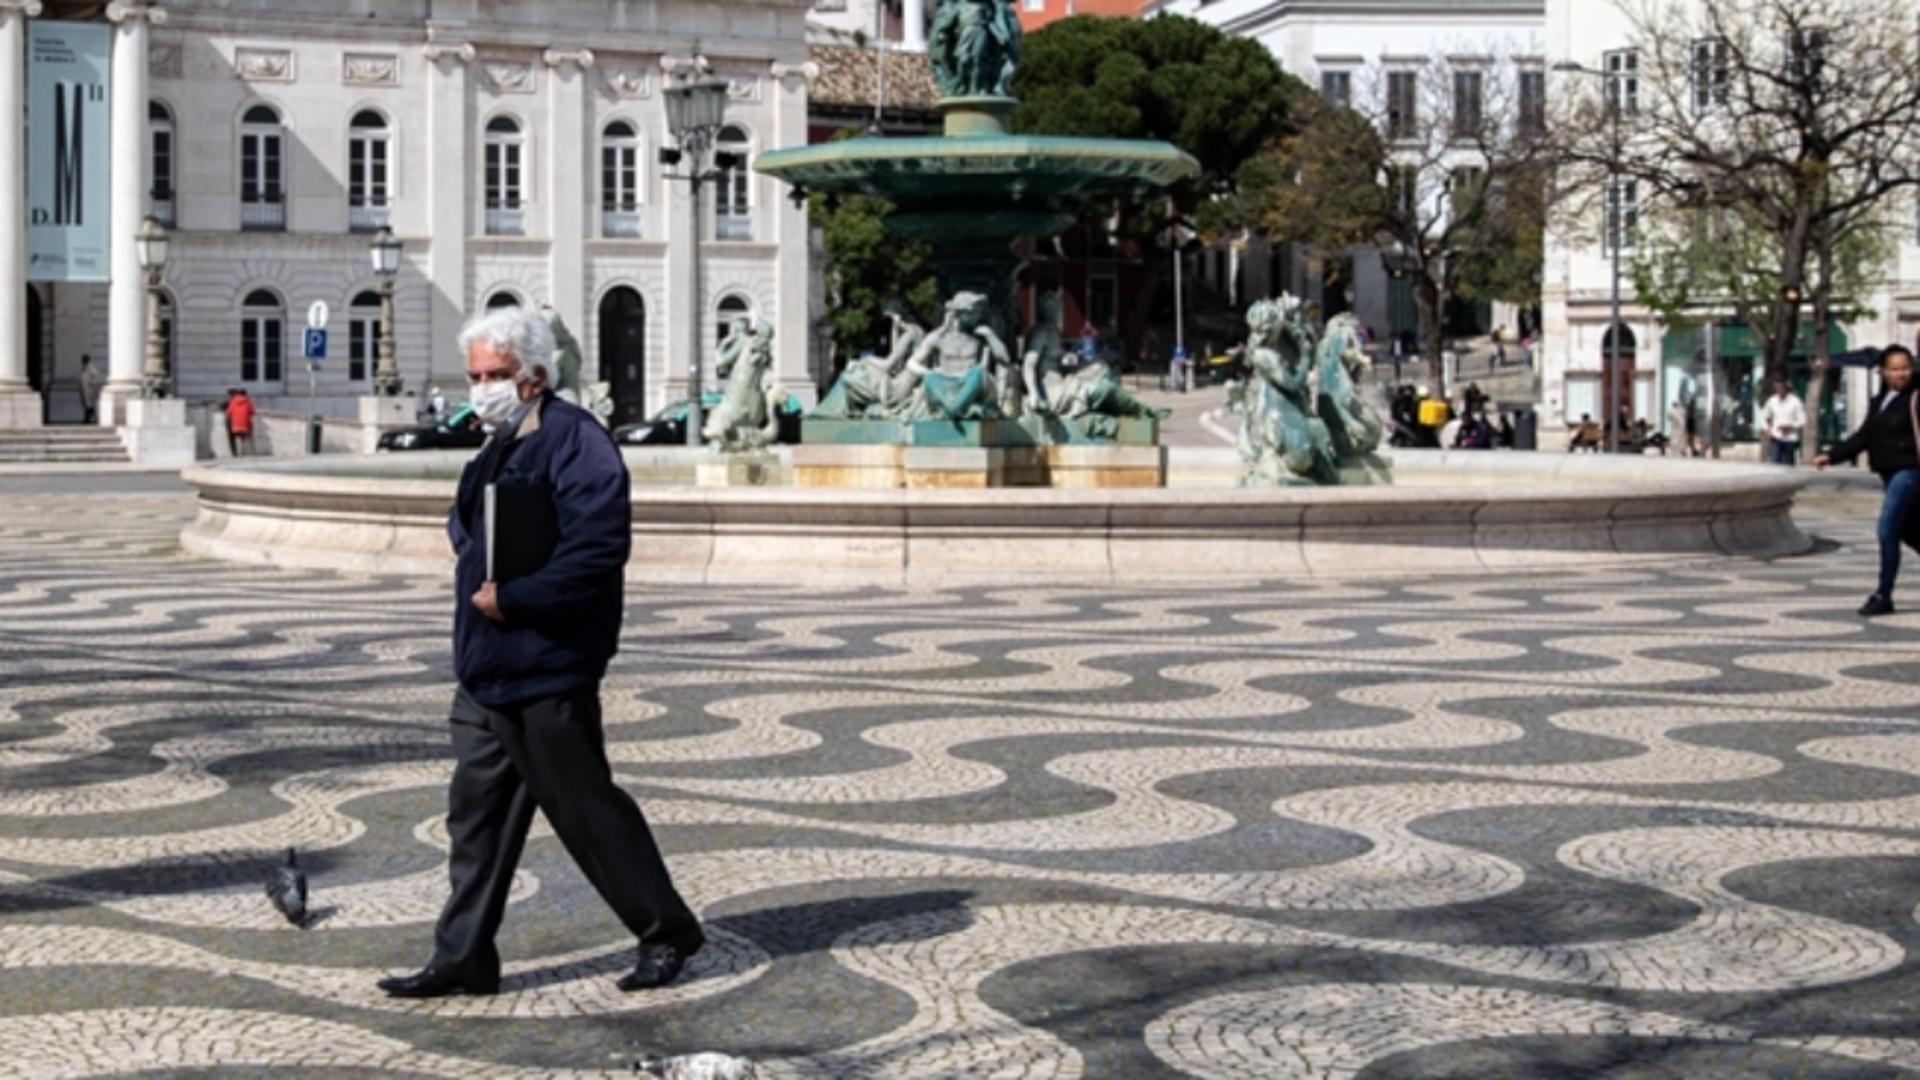 În plin sezon turistic, Portugalia înăsprește restricțiile